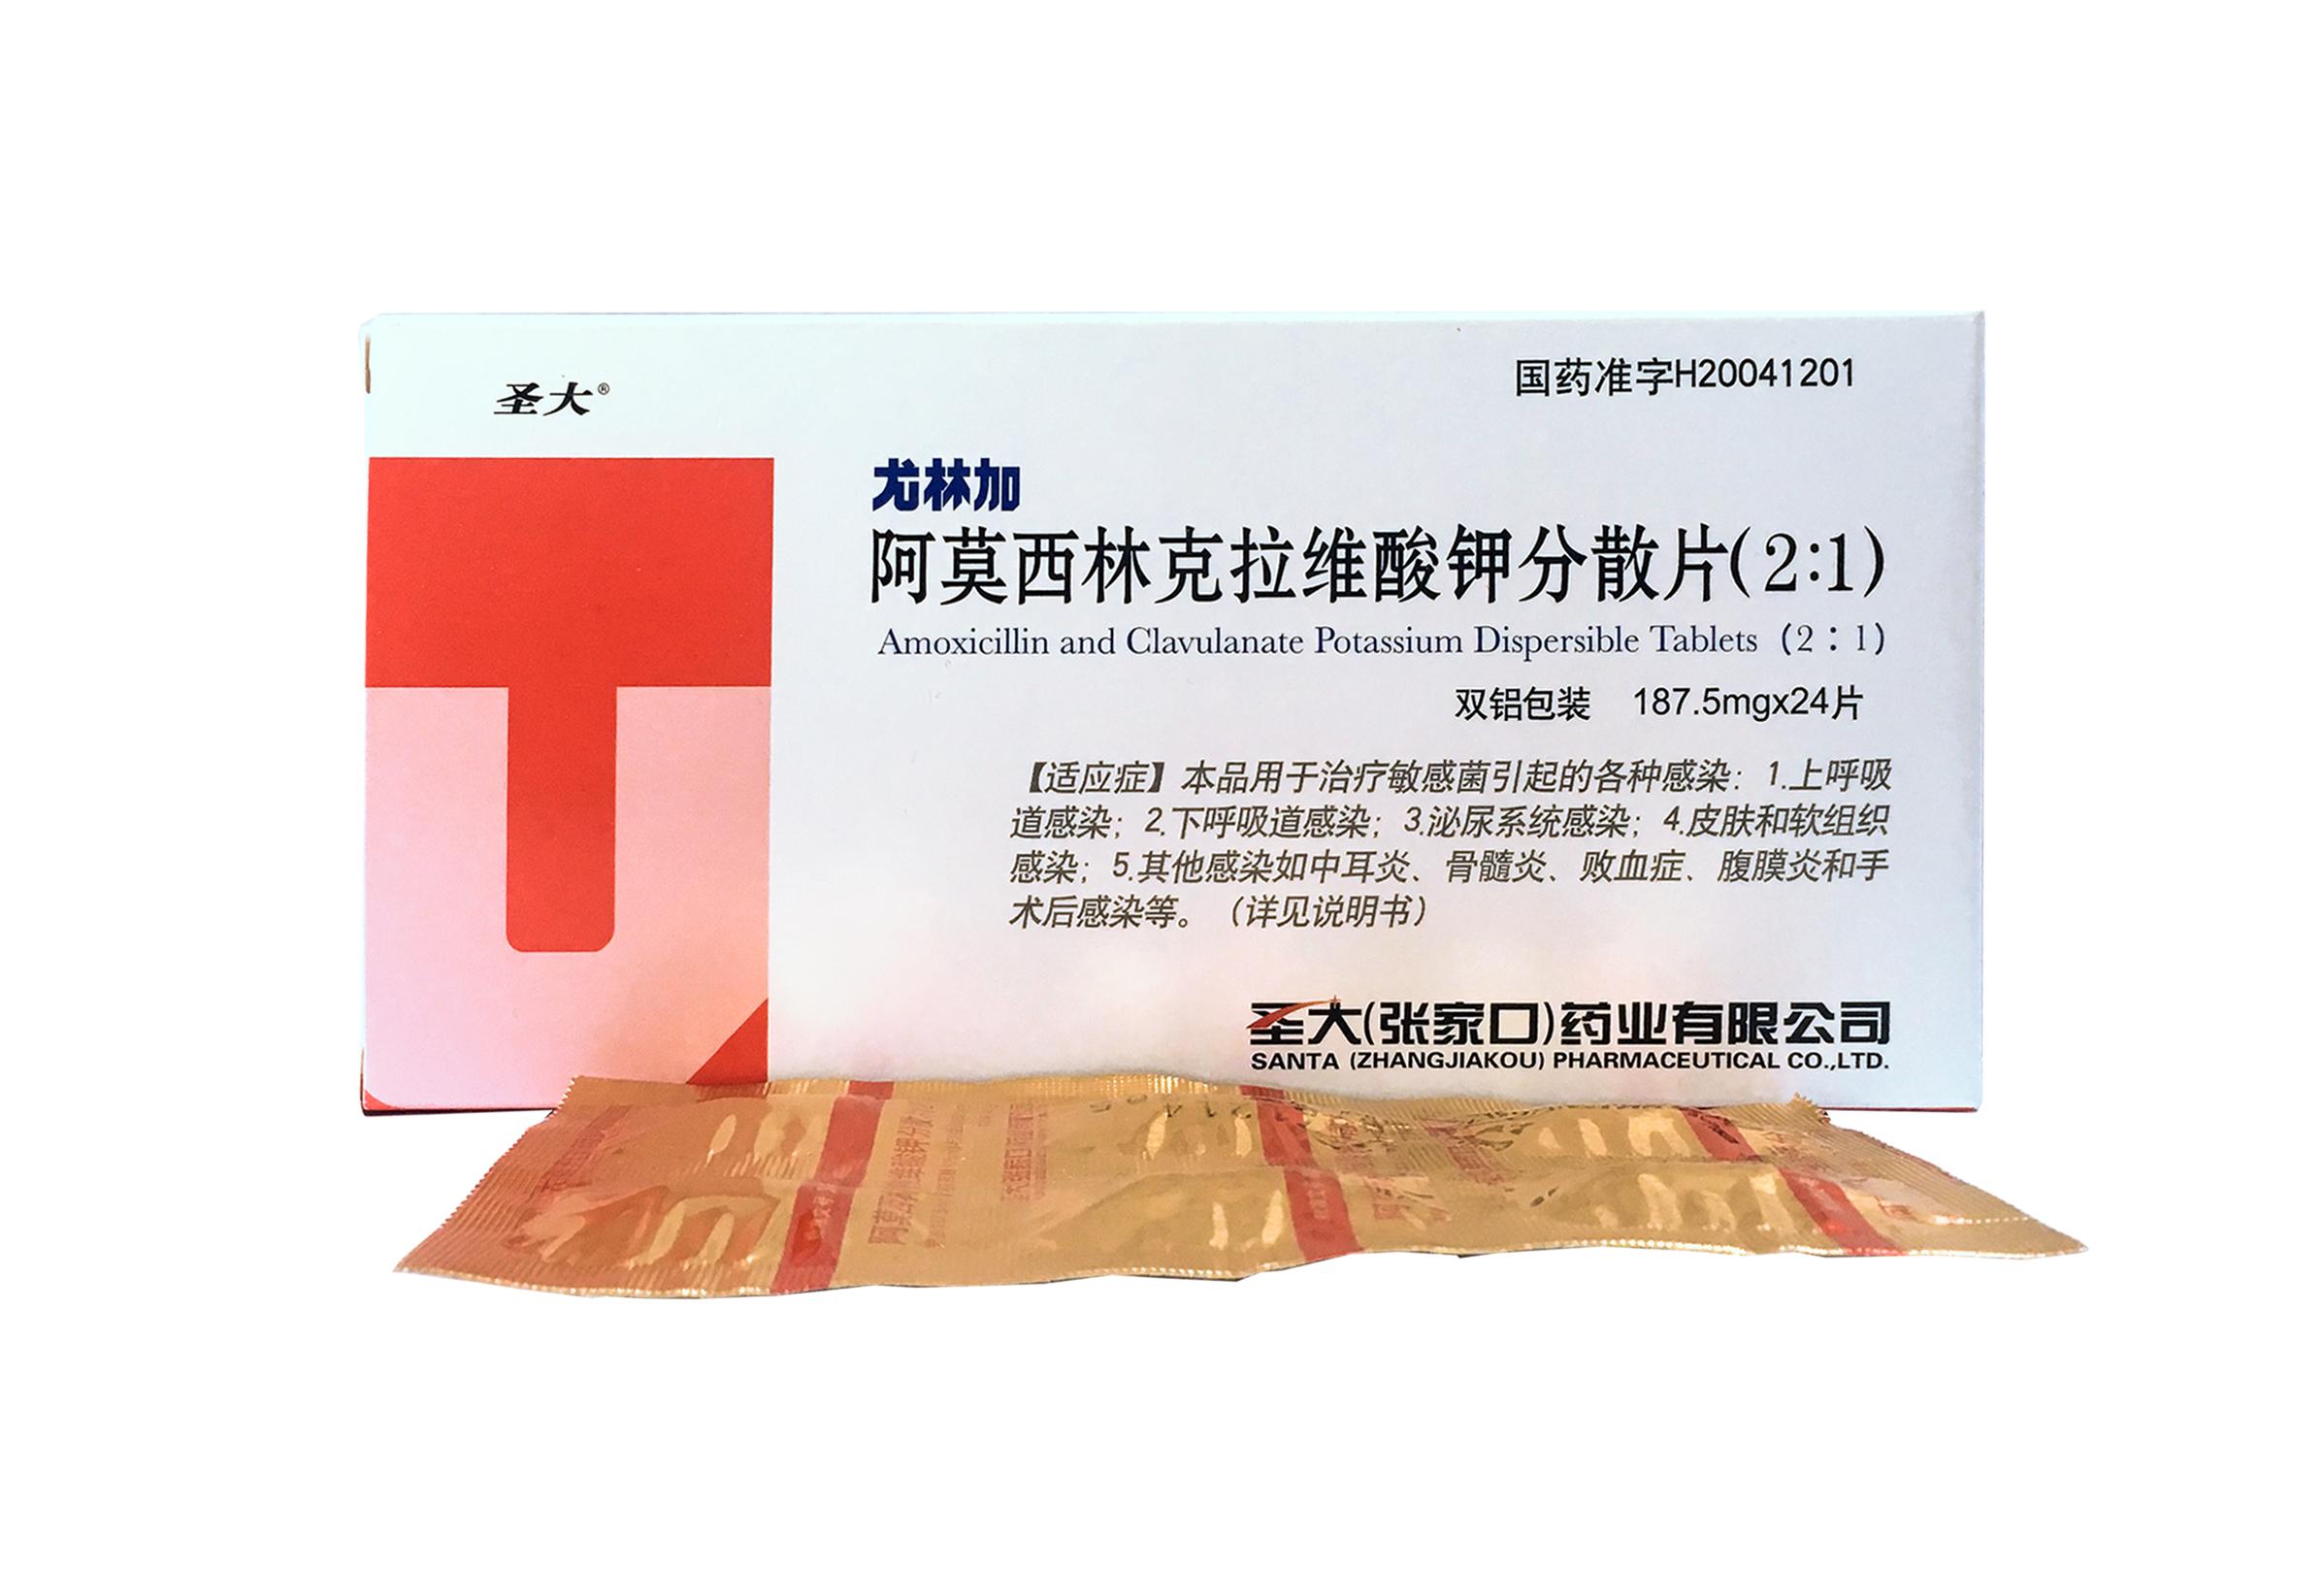 阿莫西林克拉维酸钾分散片(2:1)187.5mgX24片